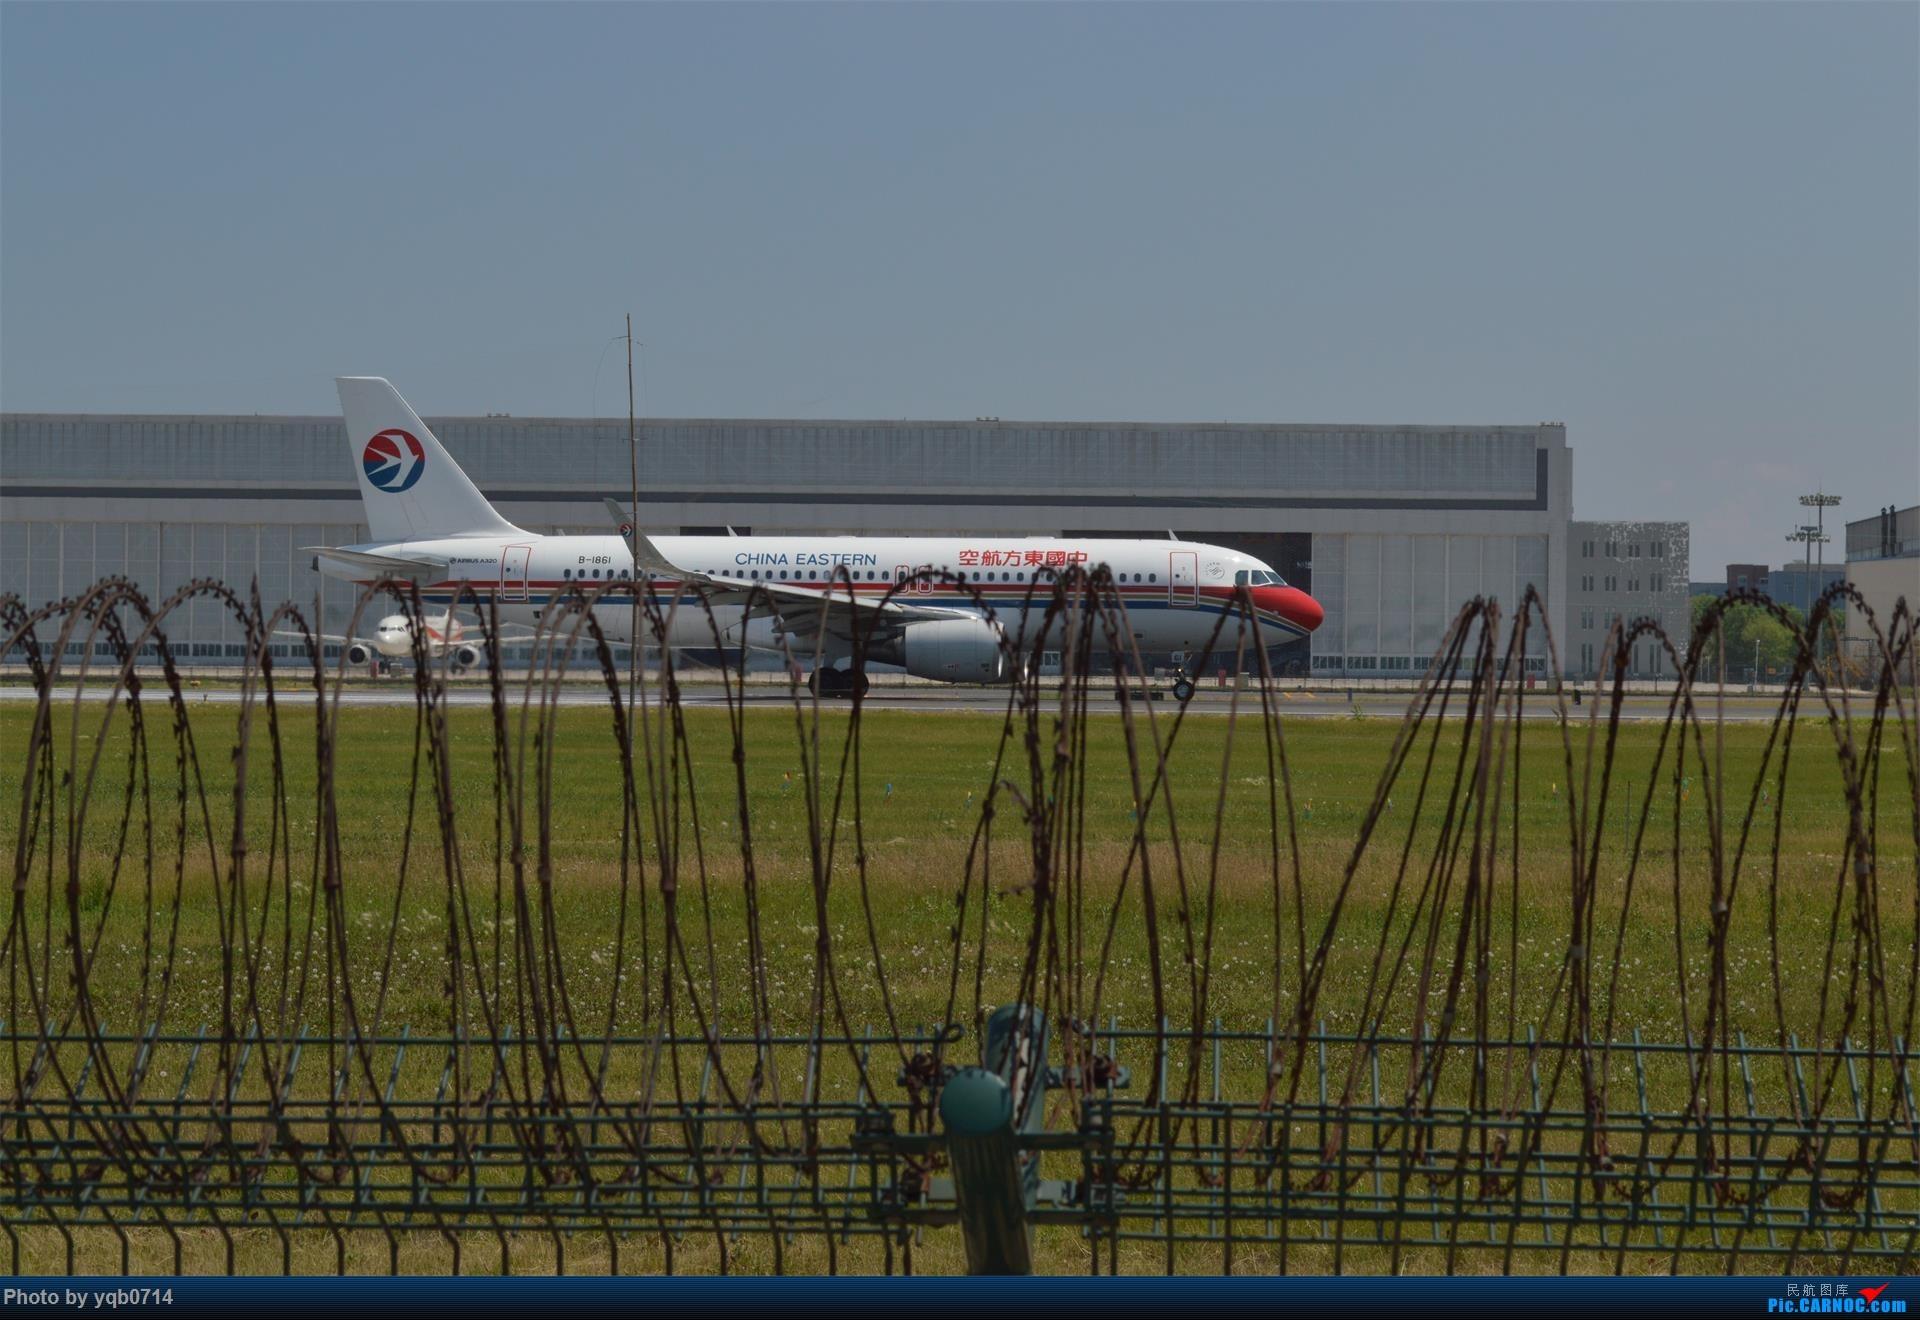 Re:[原创]出来炸道,喜欢星空联盟的小反!!!! AIRBUS A320-200 B-1861 中国沈阳桃仙国际机场